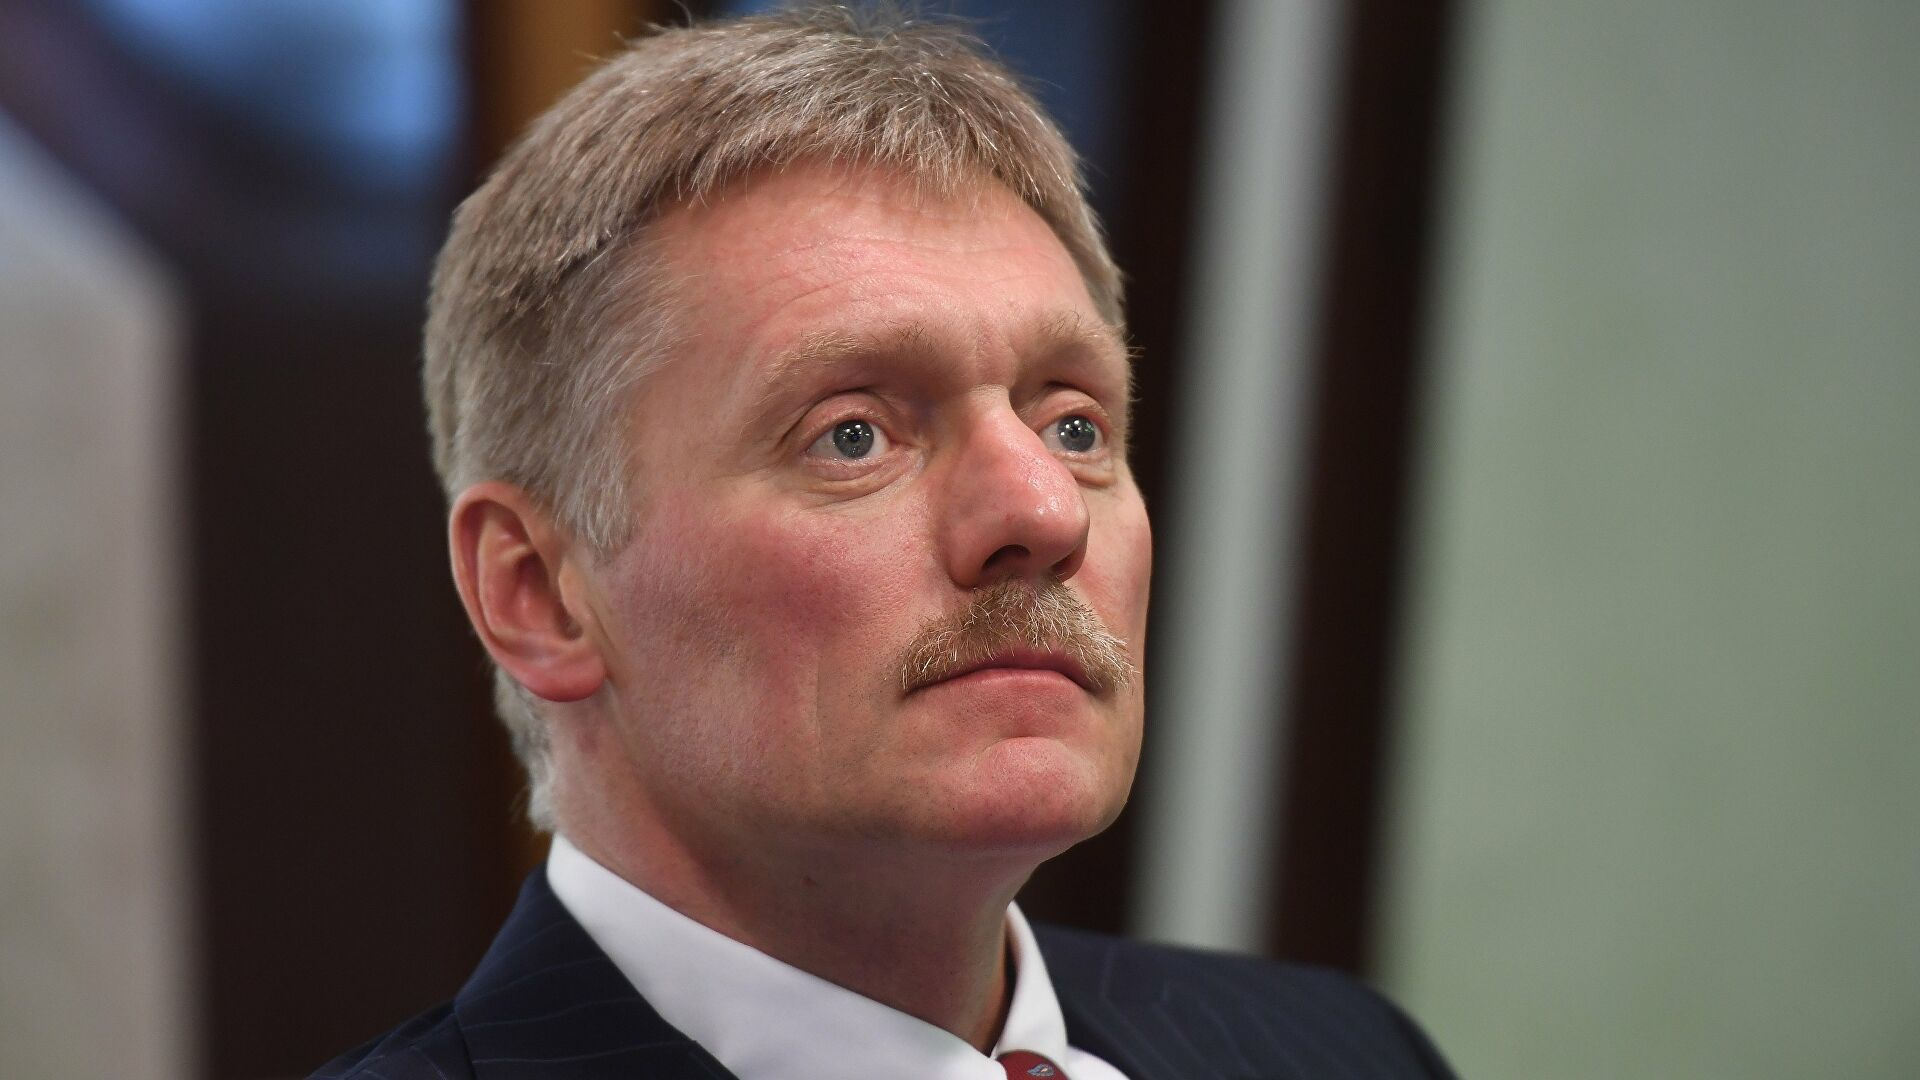 Песков: Безбедност и судбина Руса, укључујући и оне у Донбасу, безусловни приоритет Русије и председника Путина